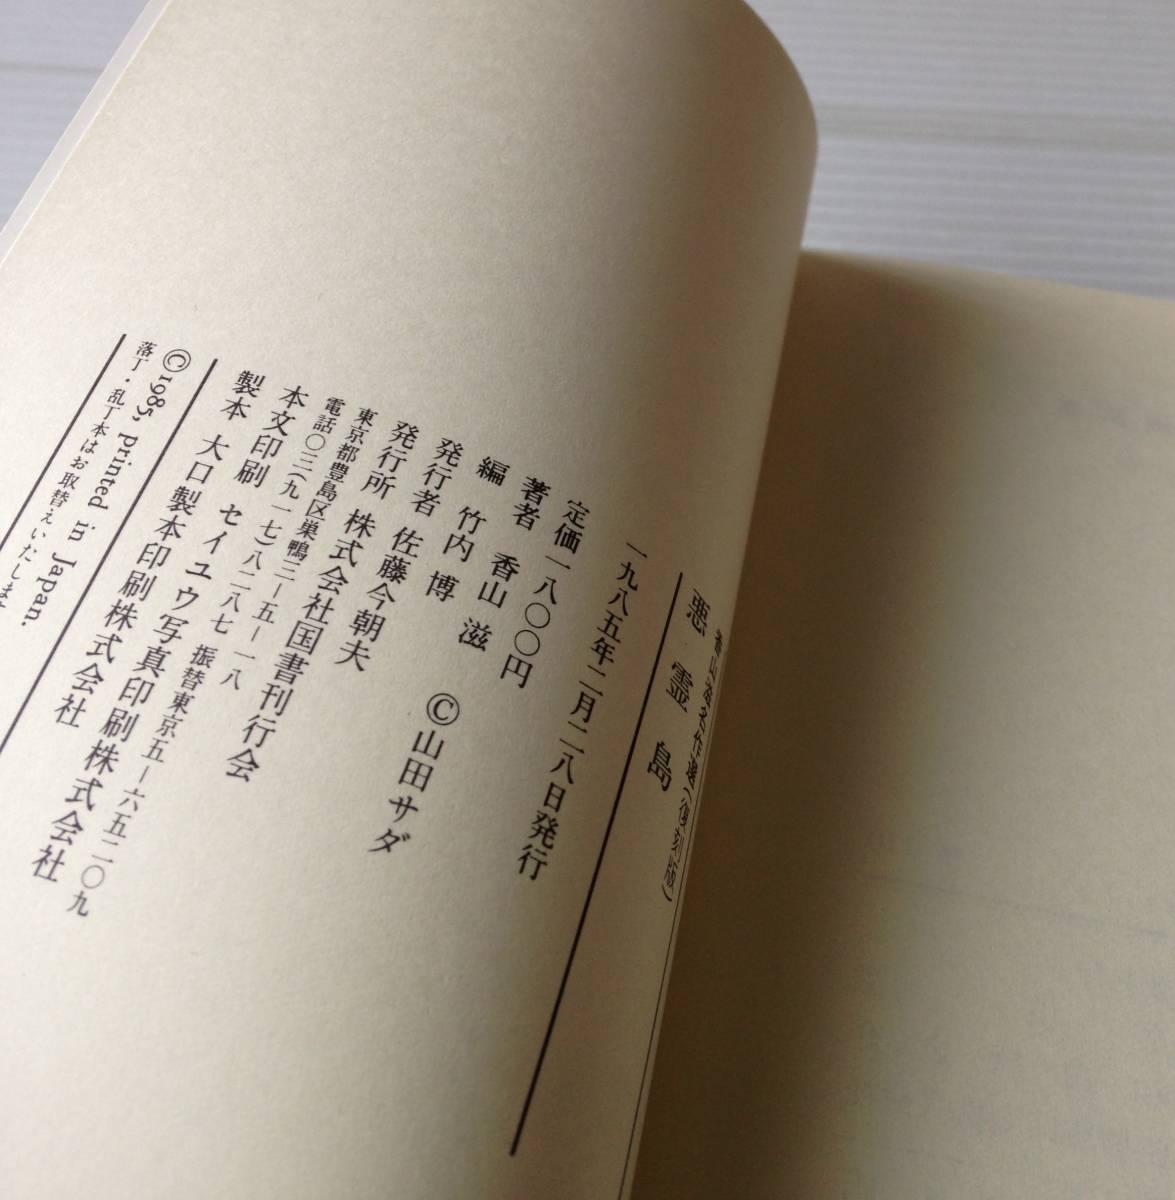 悪霊島<香山滋名作選 復刻> 香山滋 著 国書刊行会_画像5